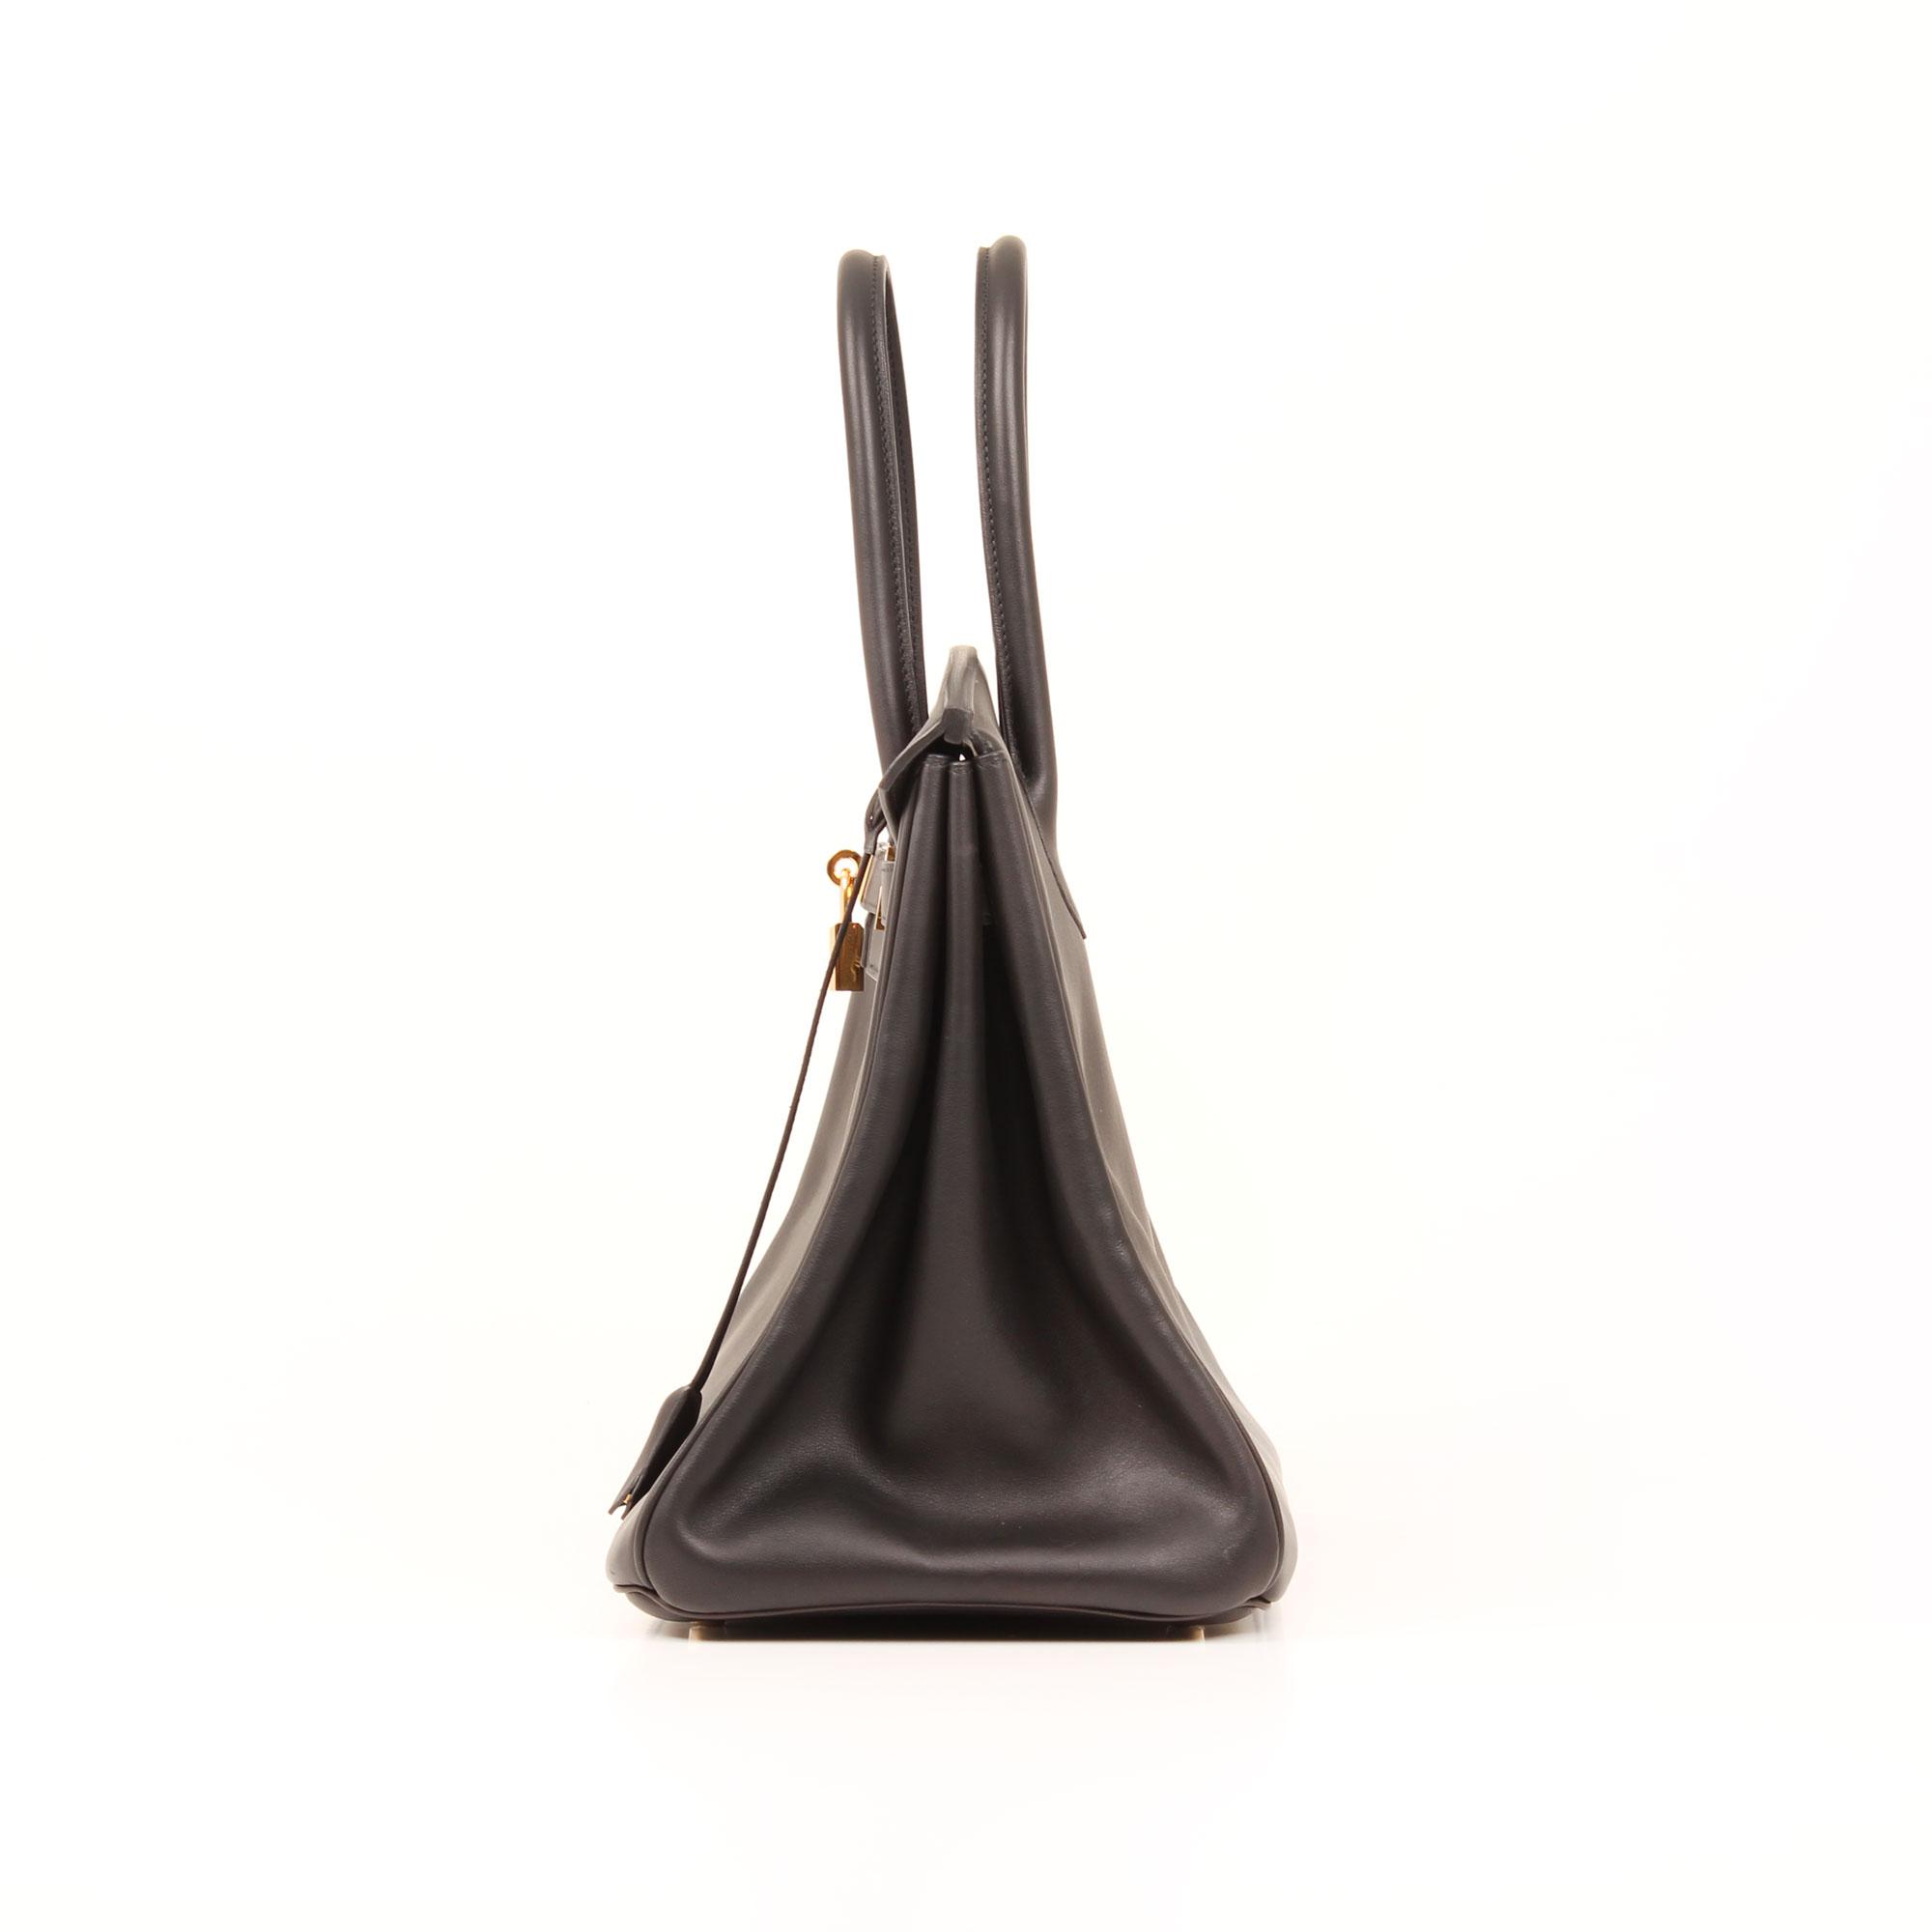 bag-hermes-birkin-35-chamonix-black